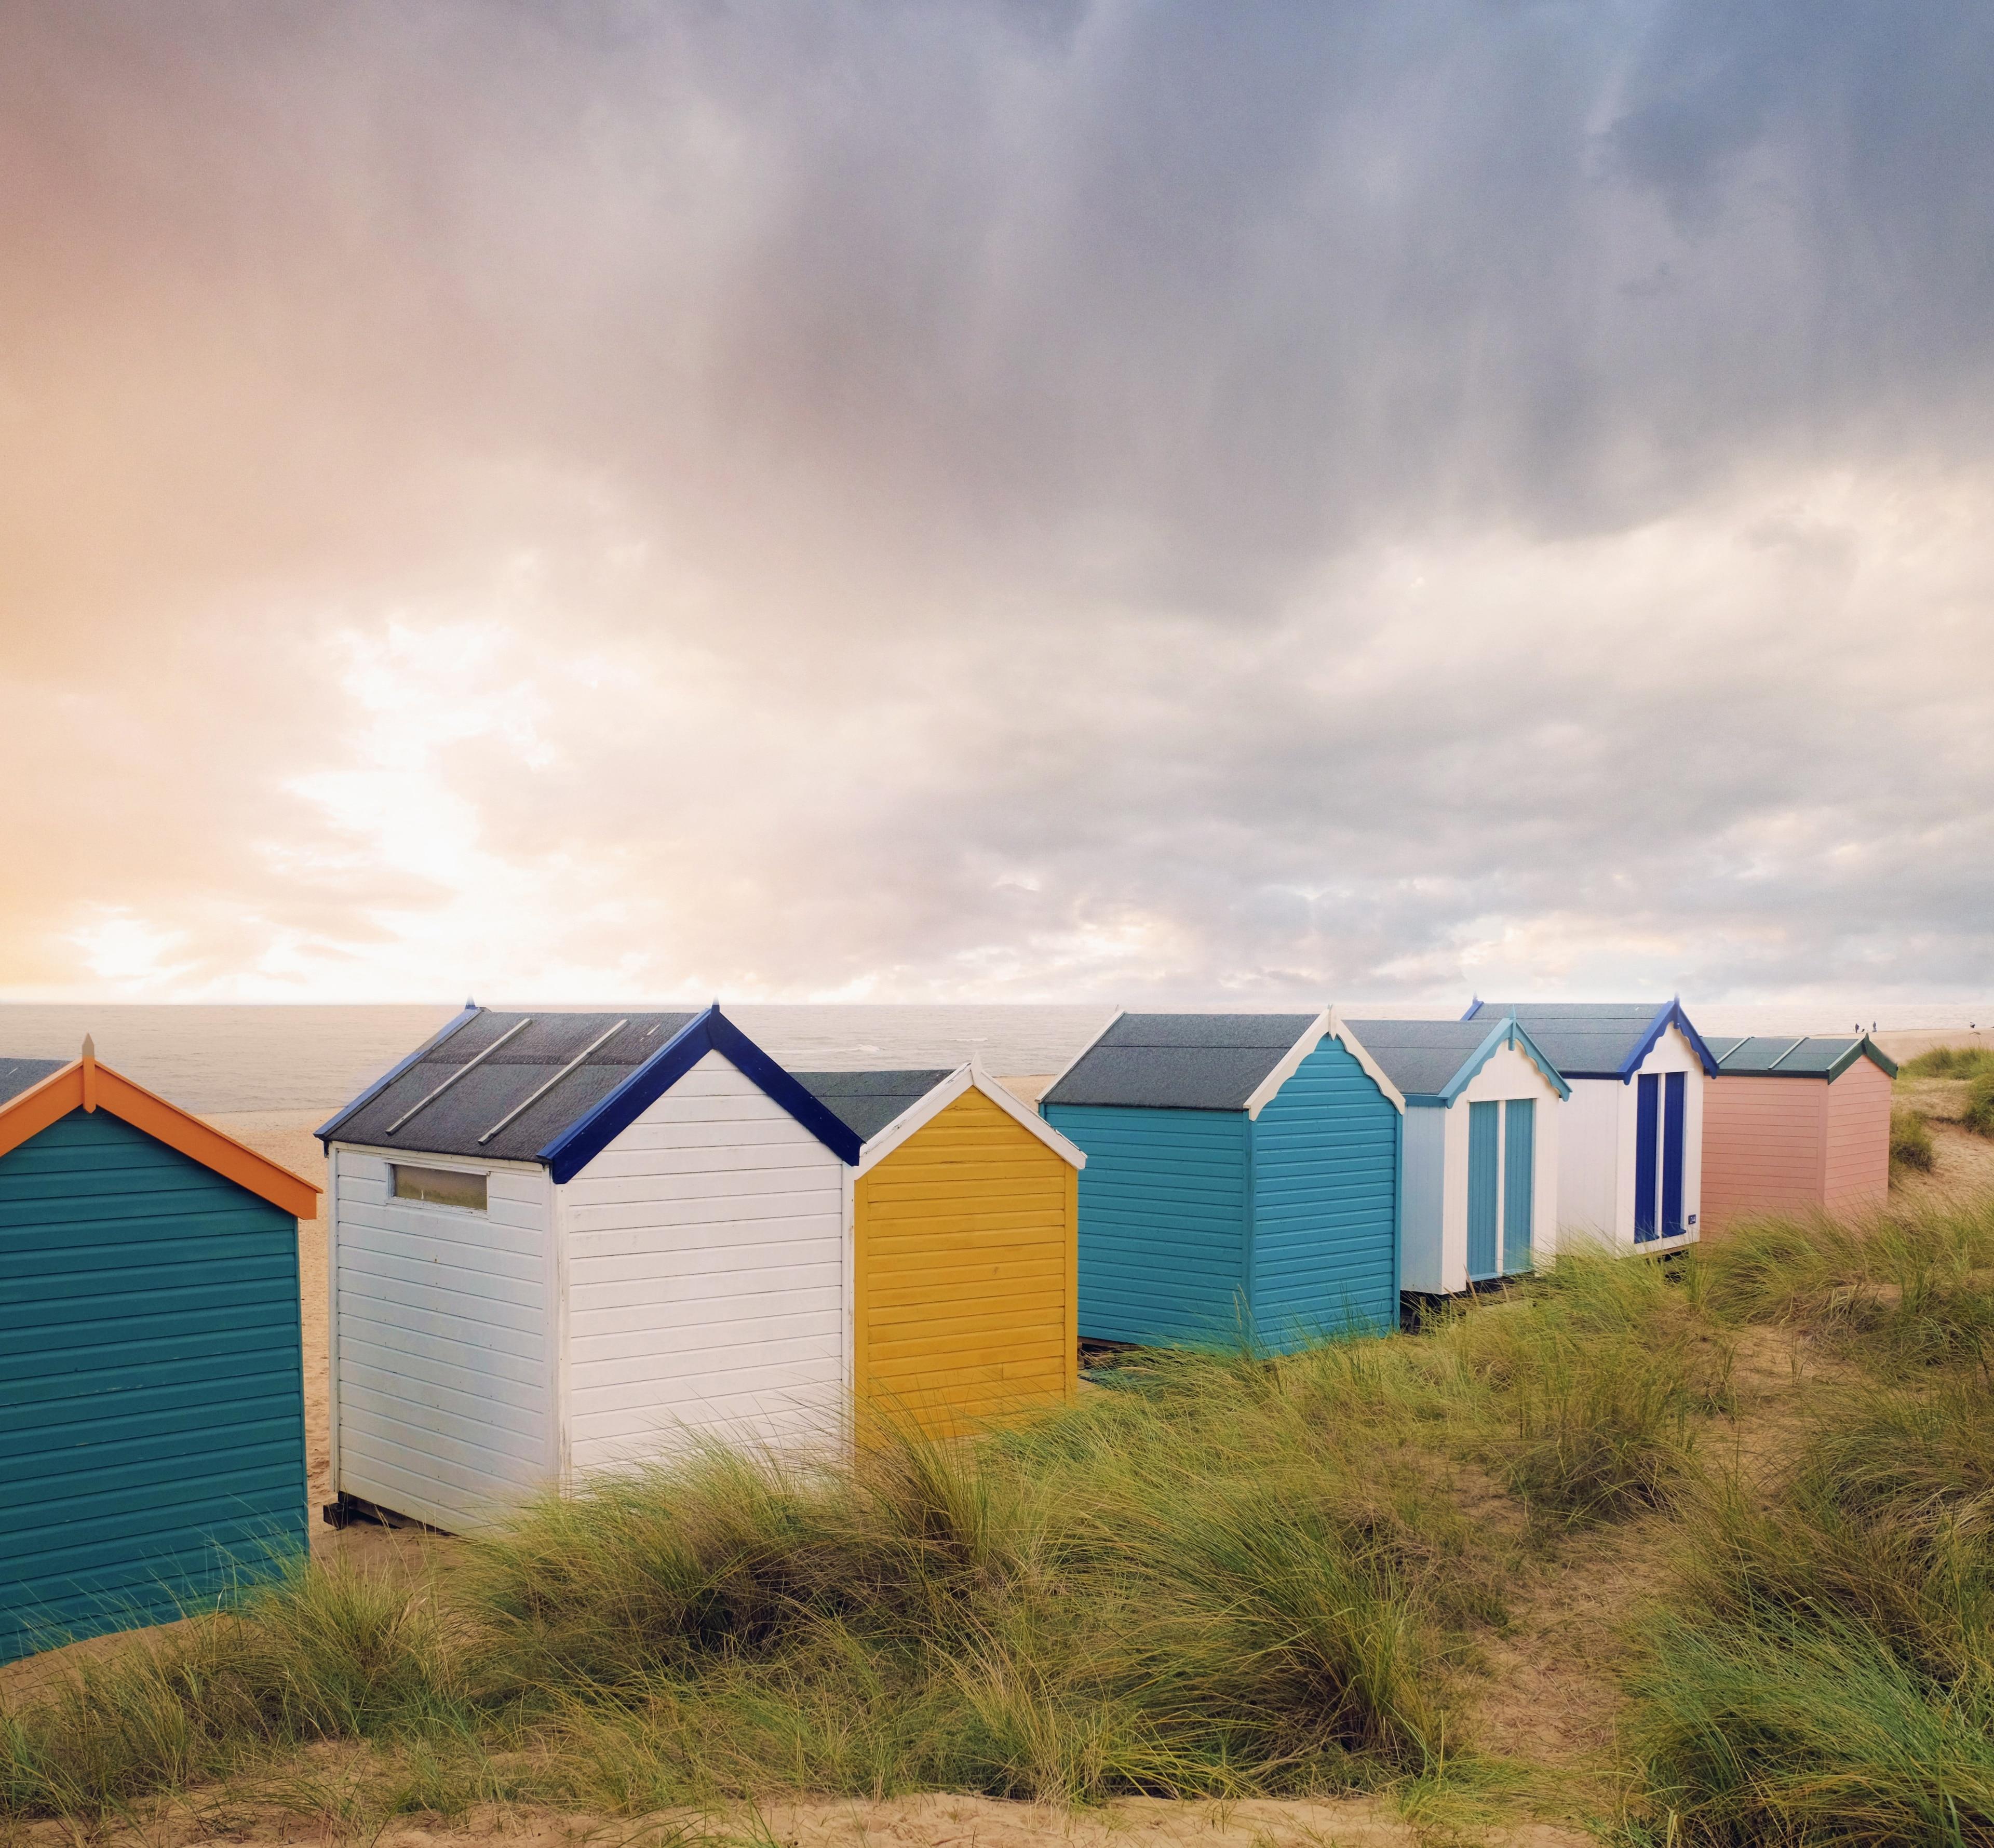 Southwold Beach, Reydon, England, United Kingdom